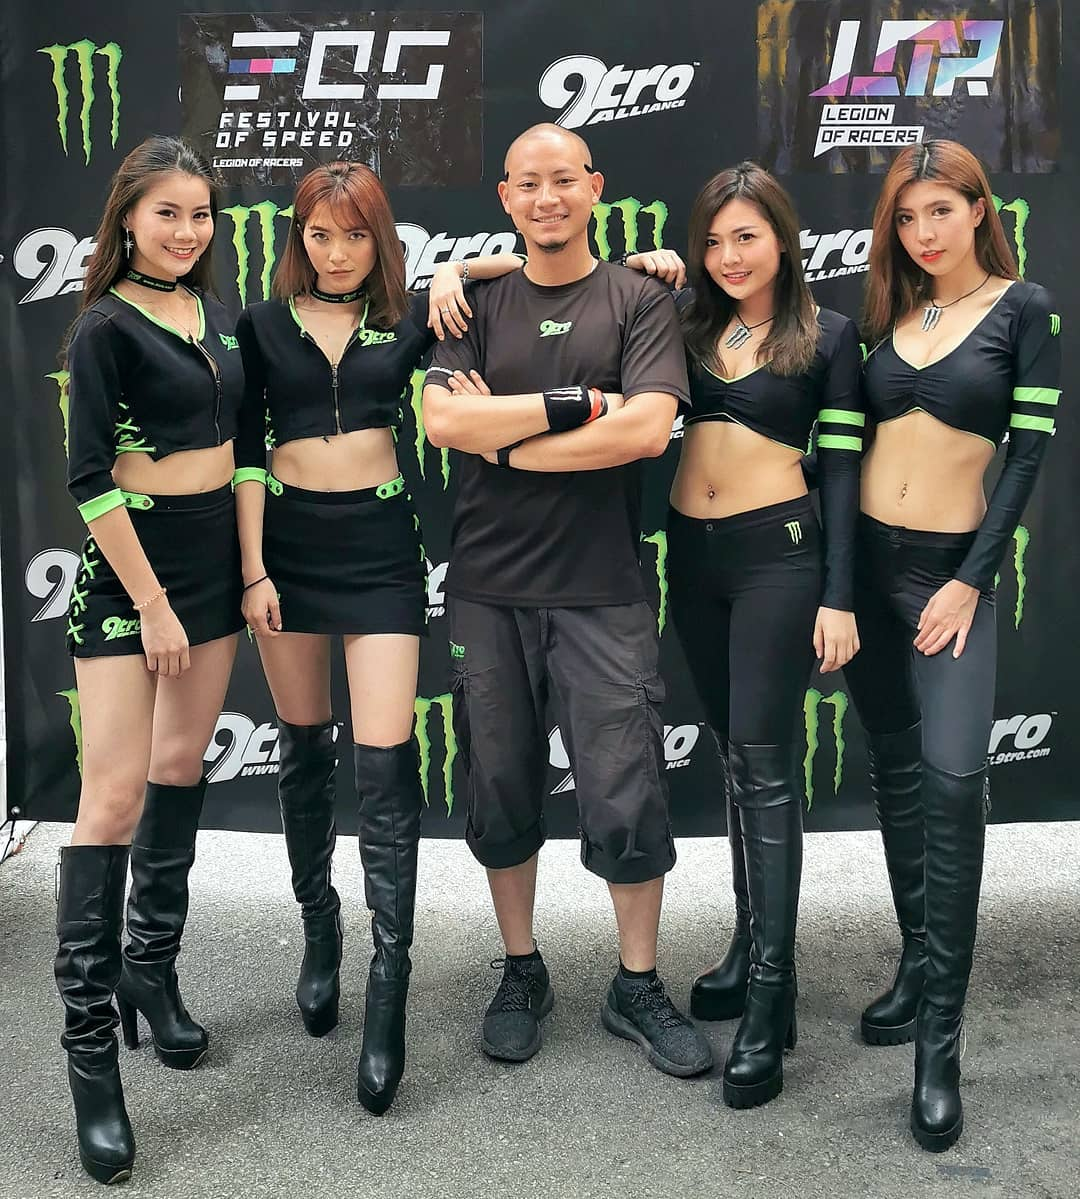 9tro Monster Energy